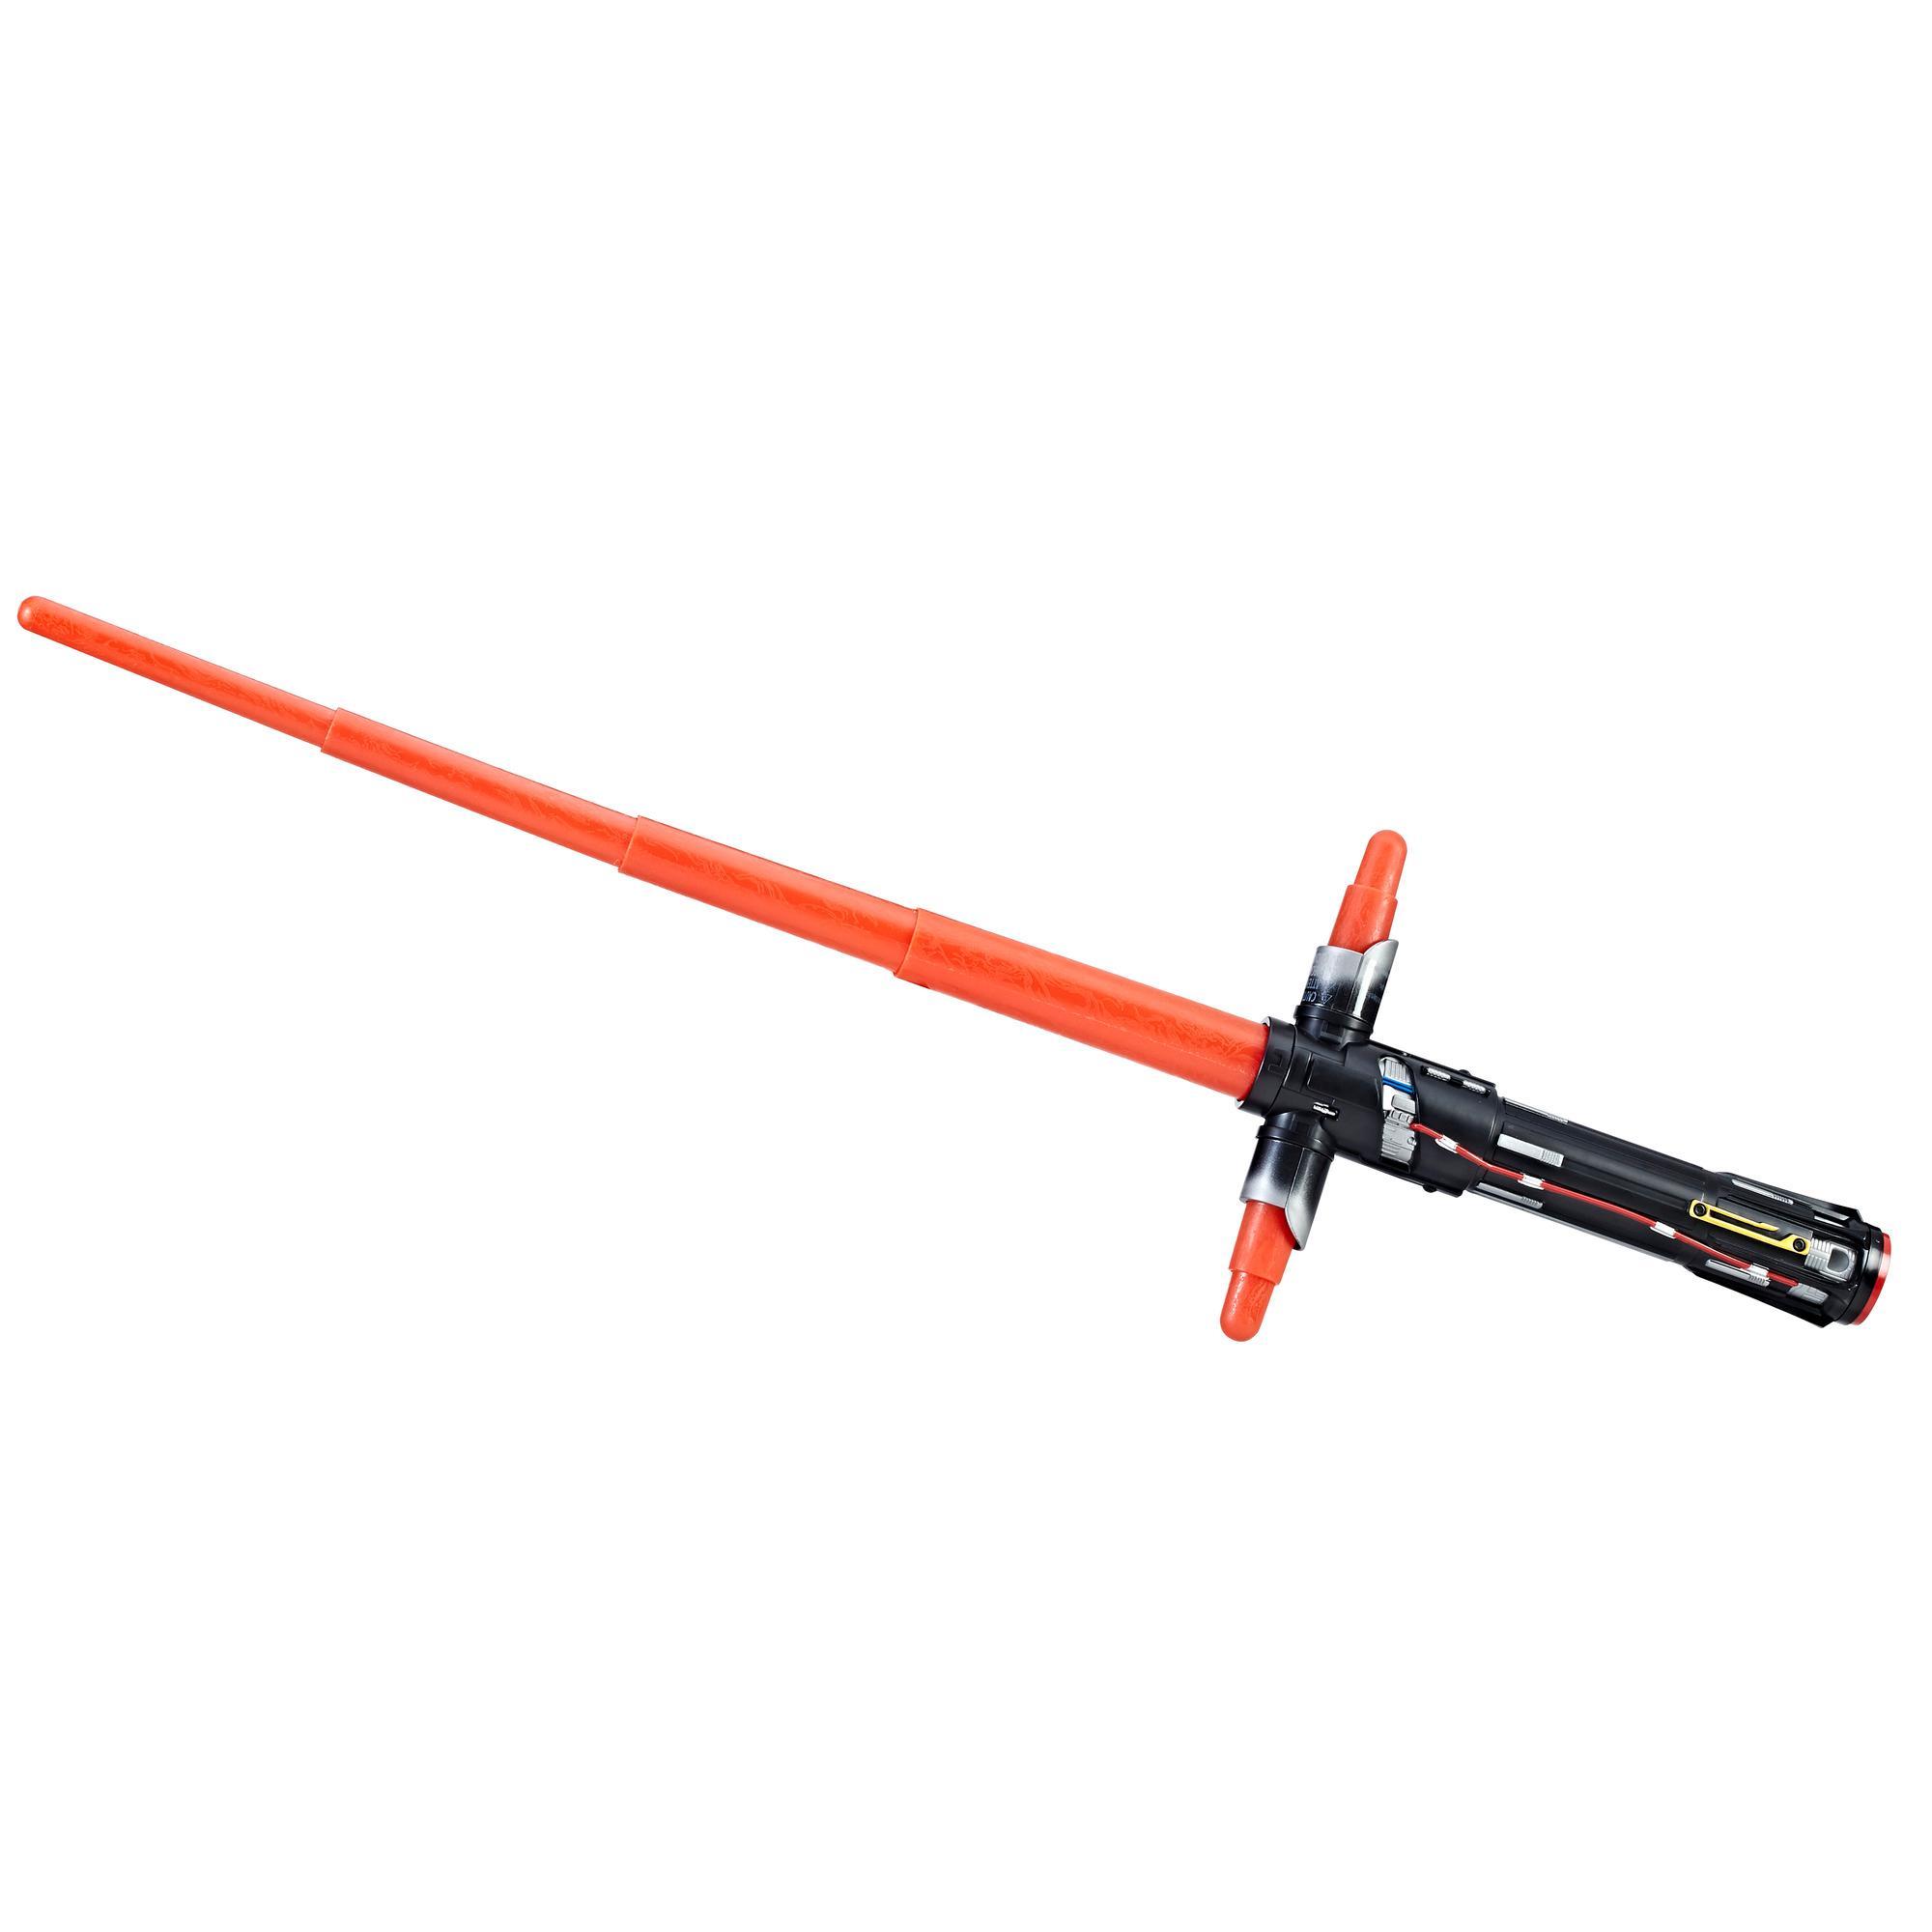 Star Wars Episode 8 Kylo Ren Basislichtschwert